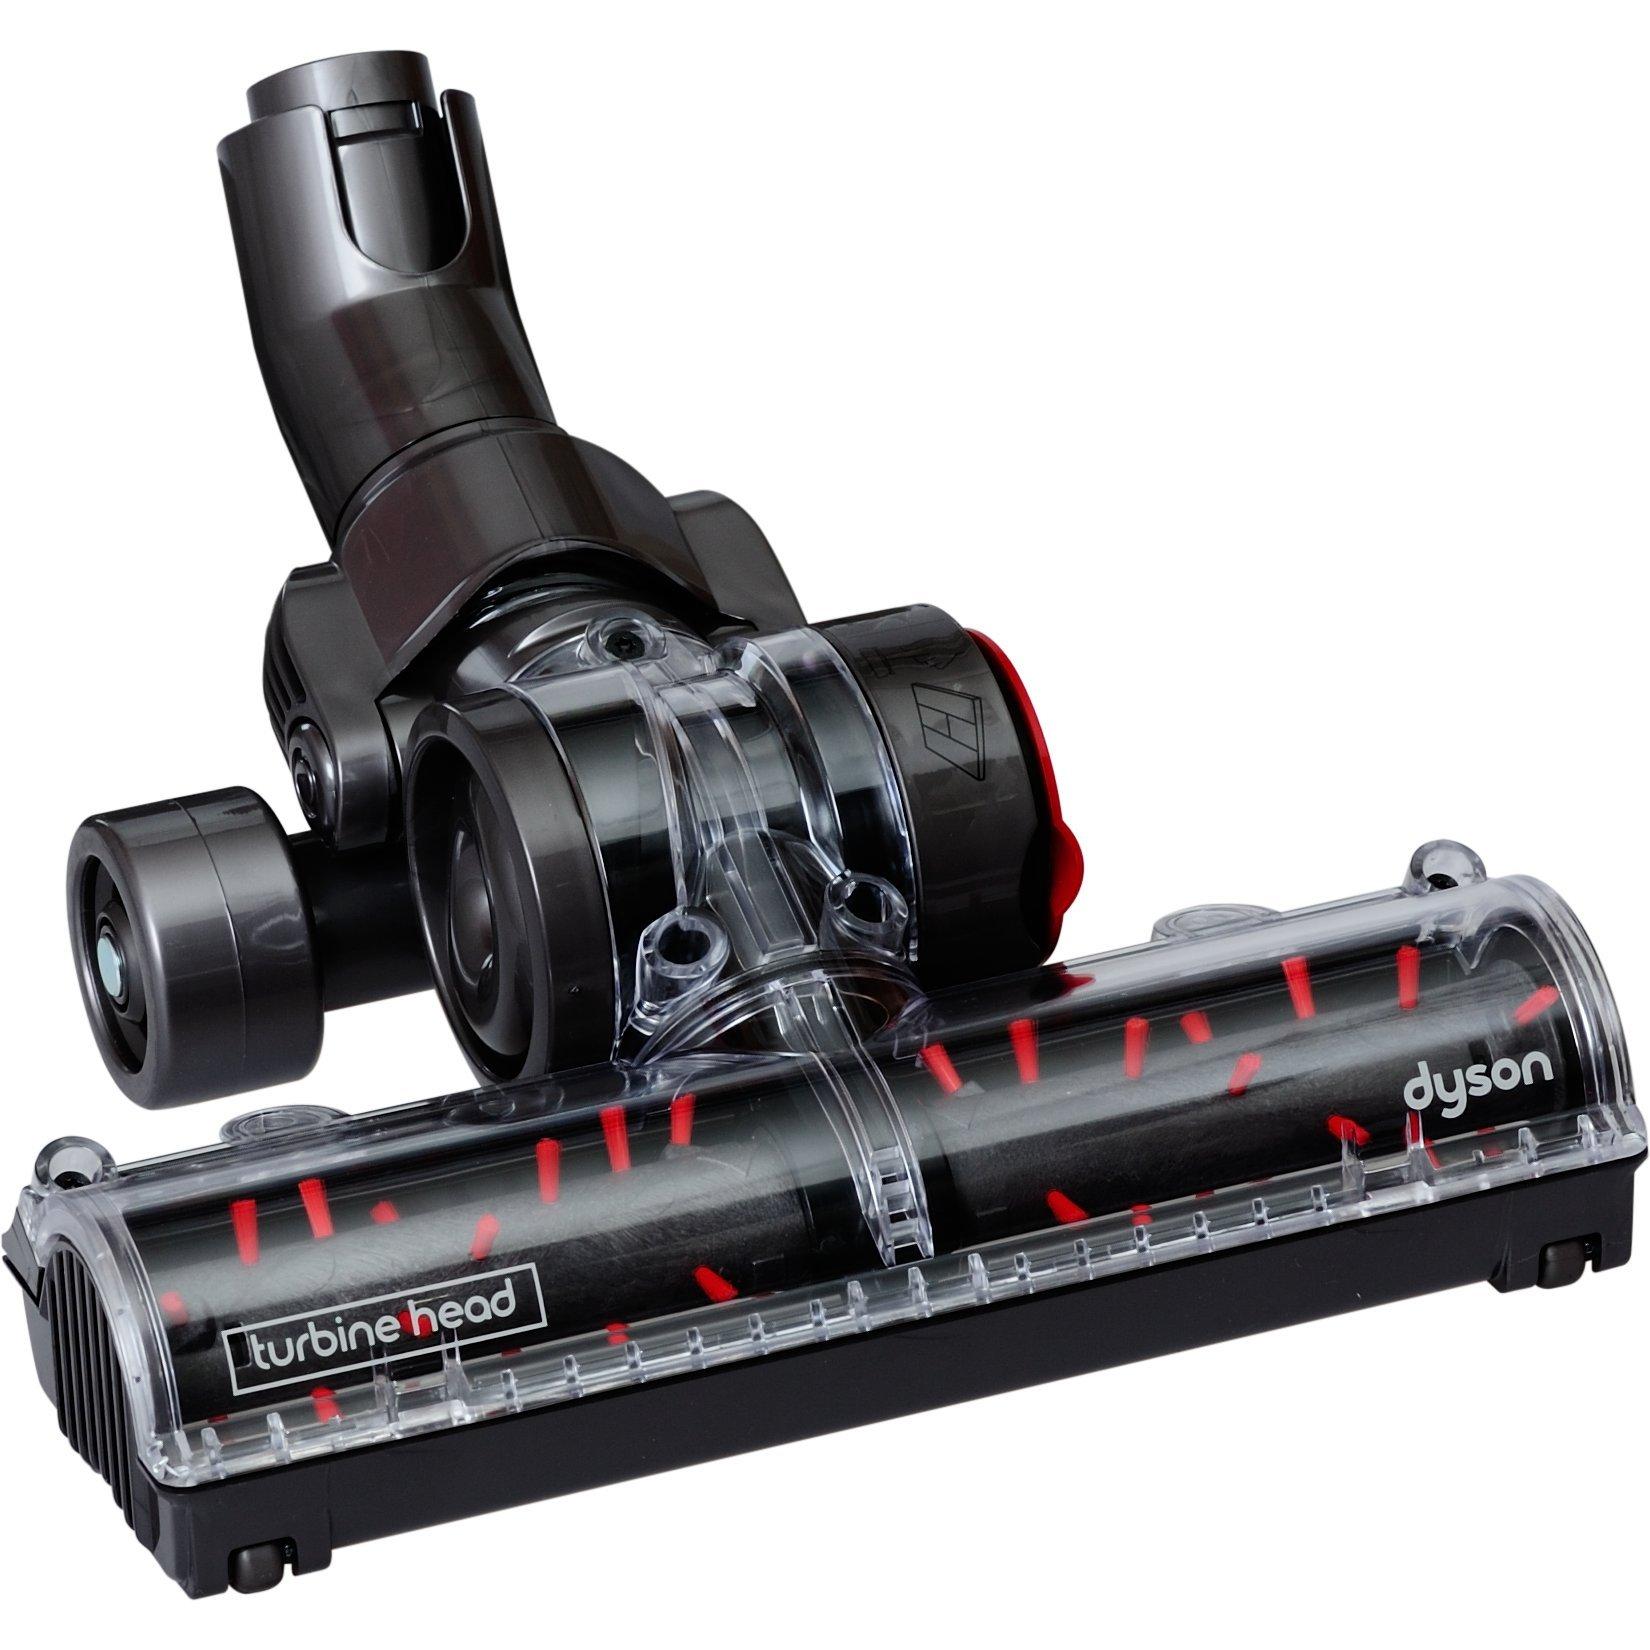 Dyson 906565-32 Turbodüse